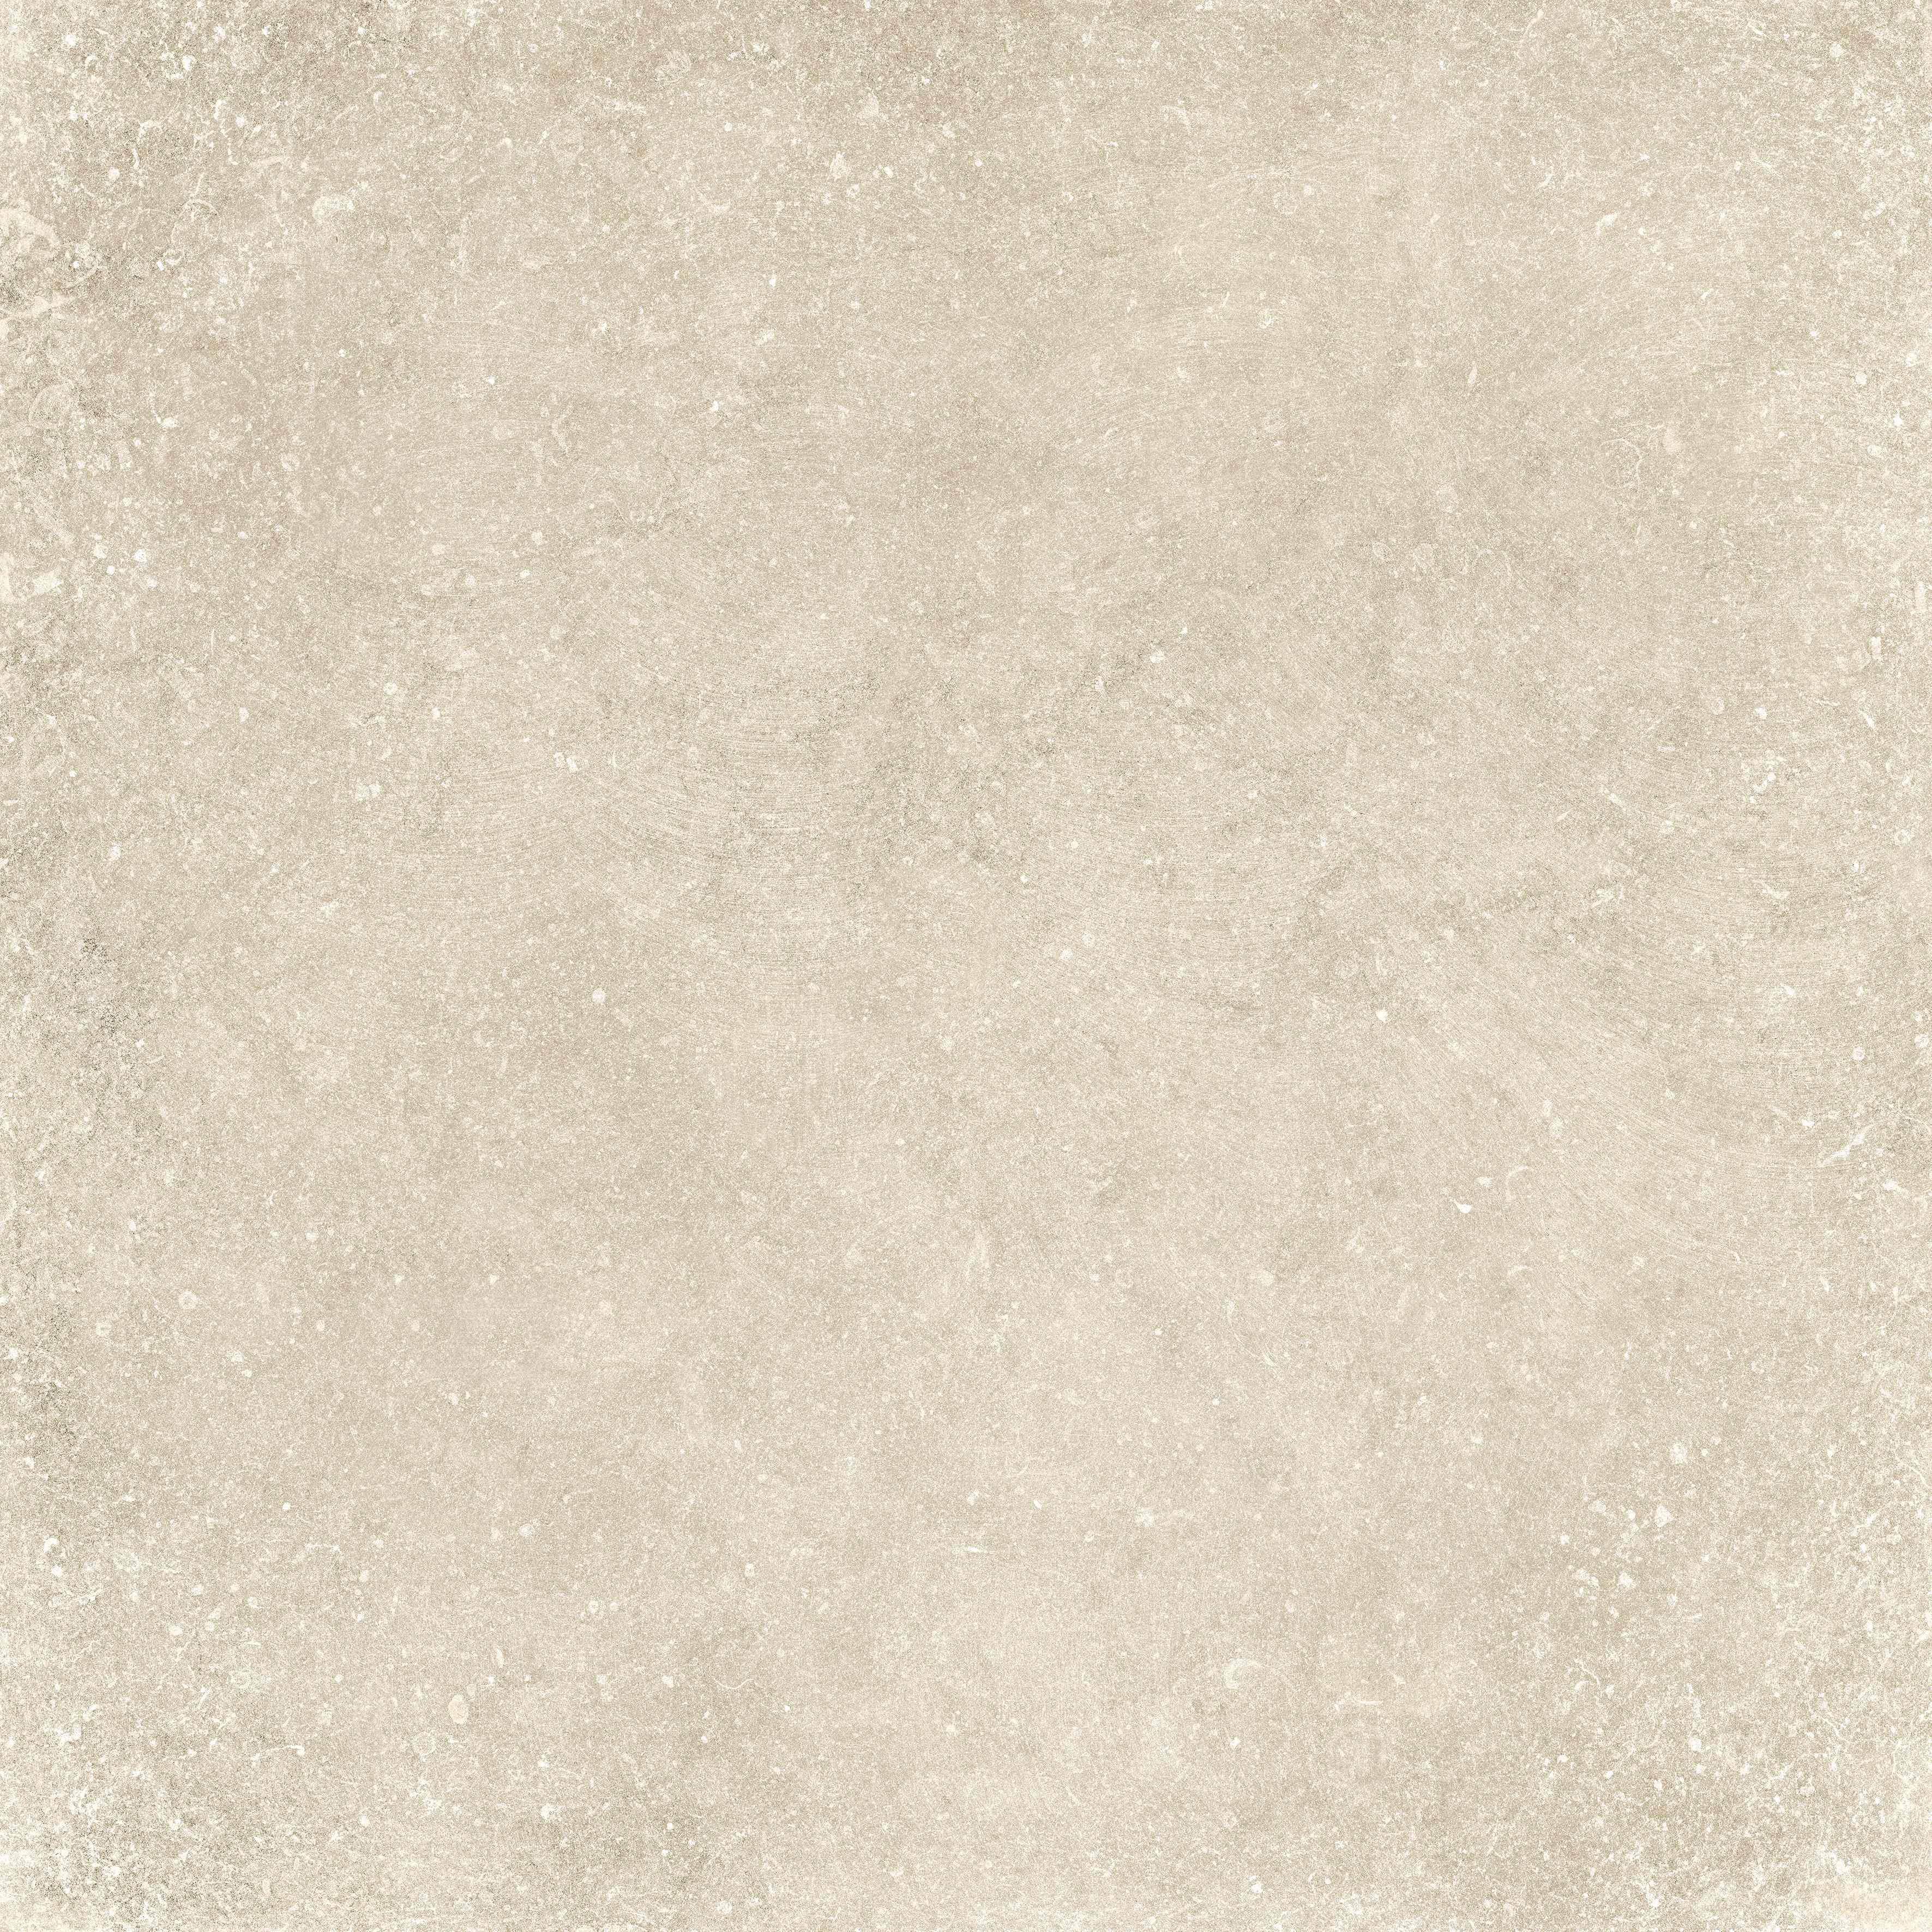 Плитка BEIGE (ZRXPZ3R) изображение 8